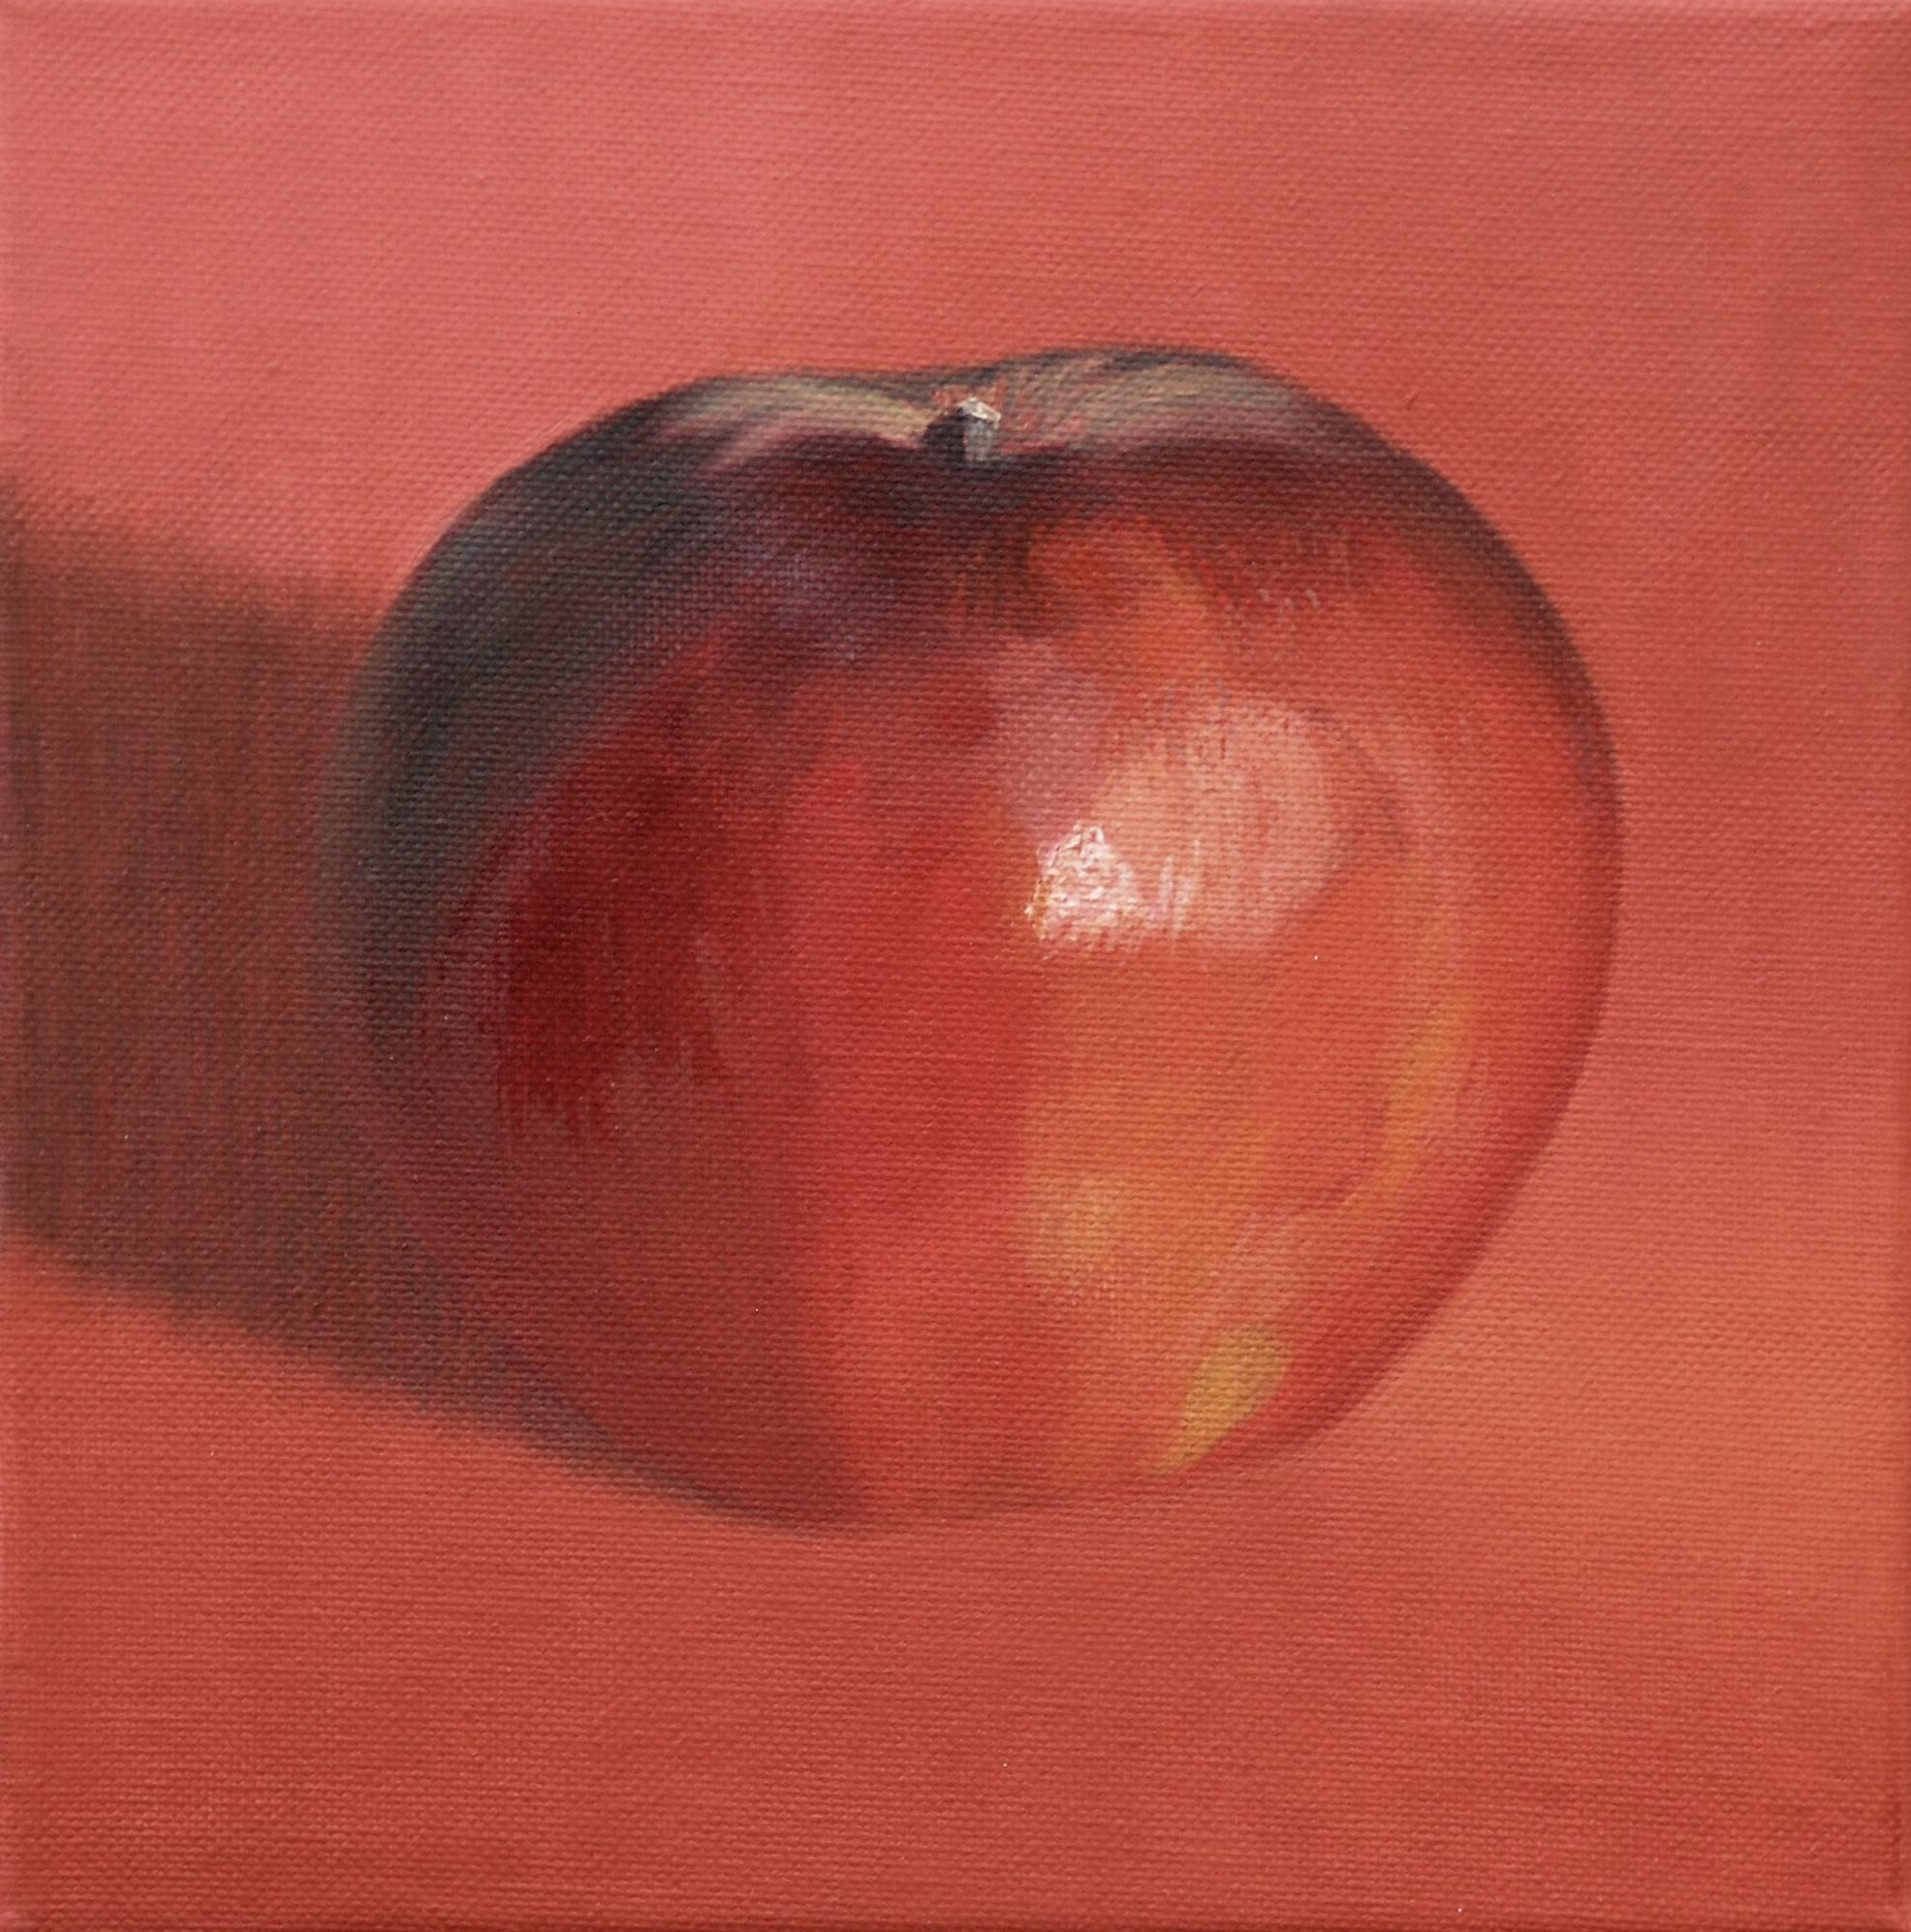 Dark red apple 2